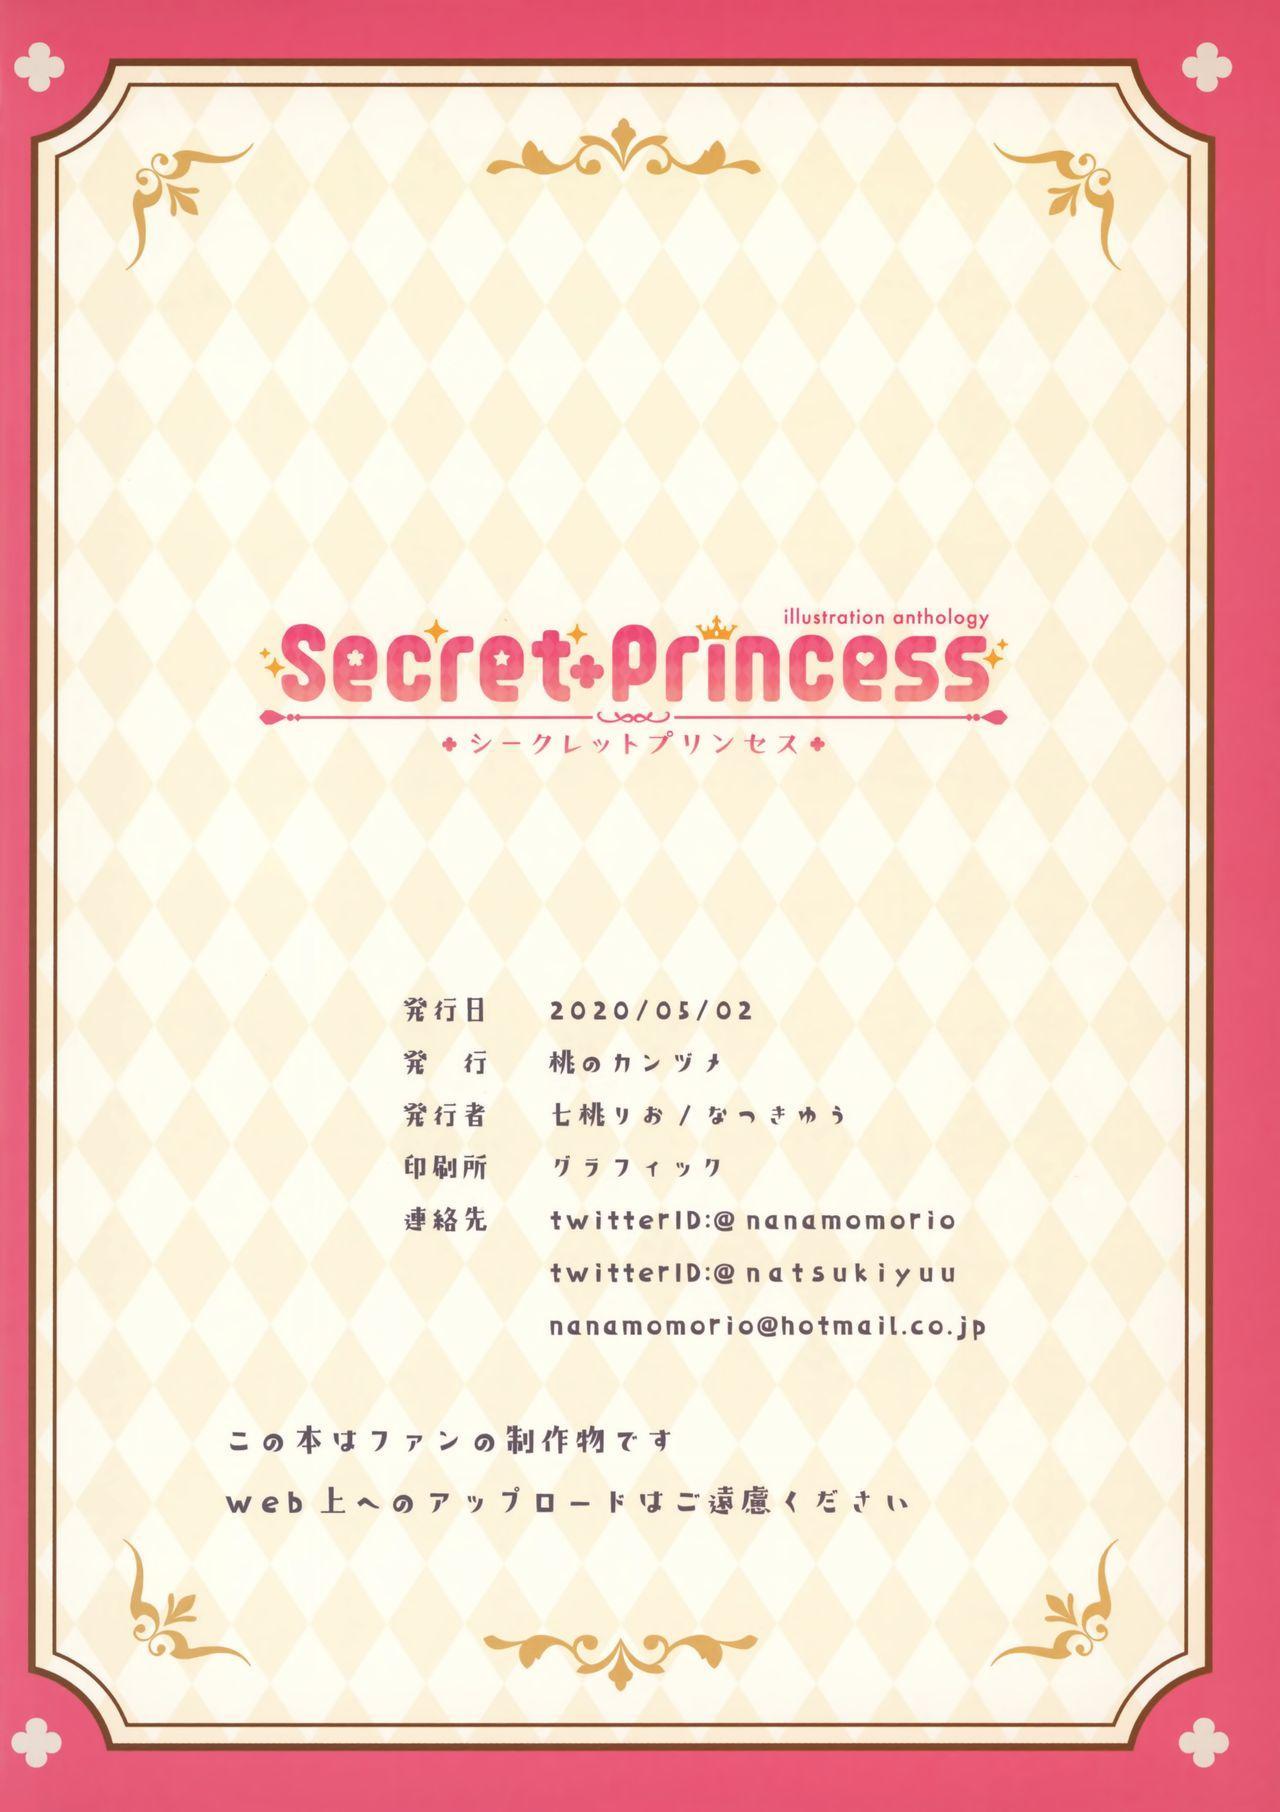 Secret+Princess 24